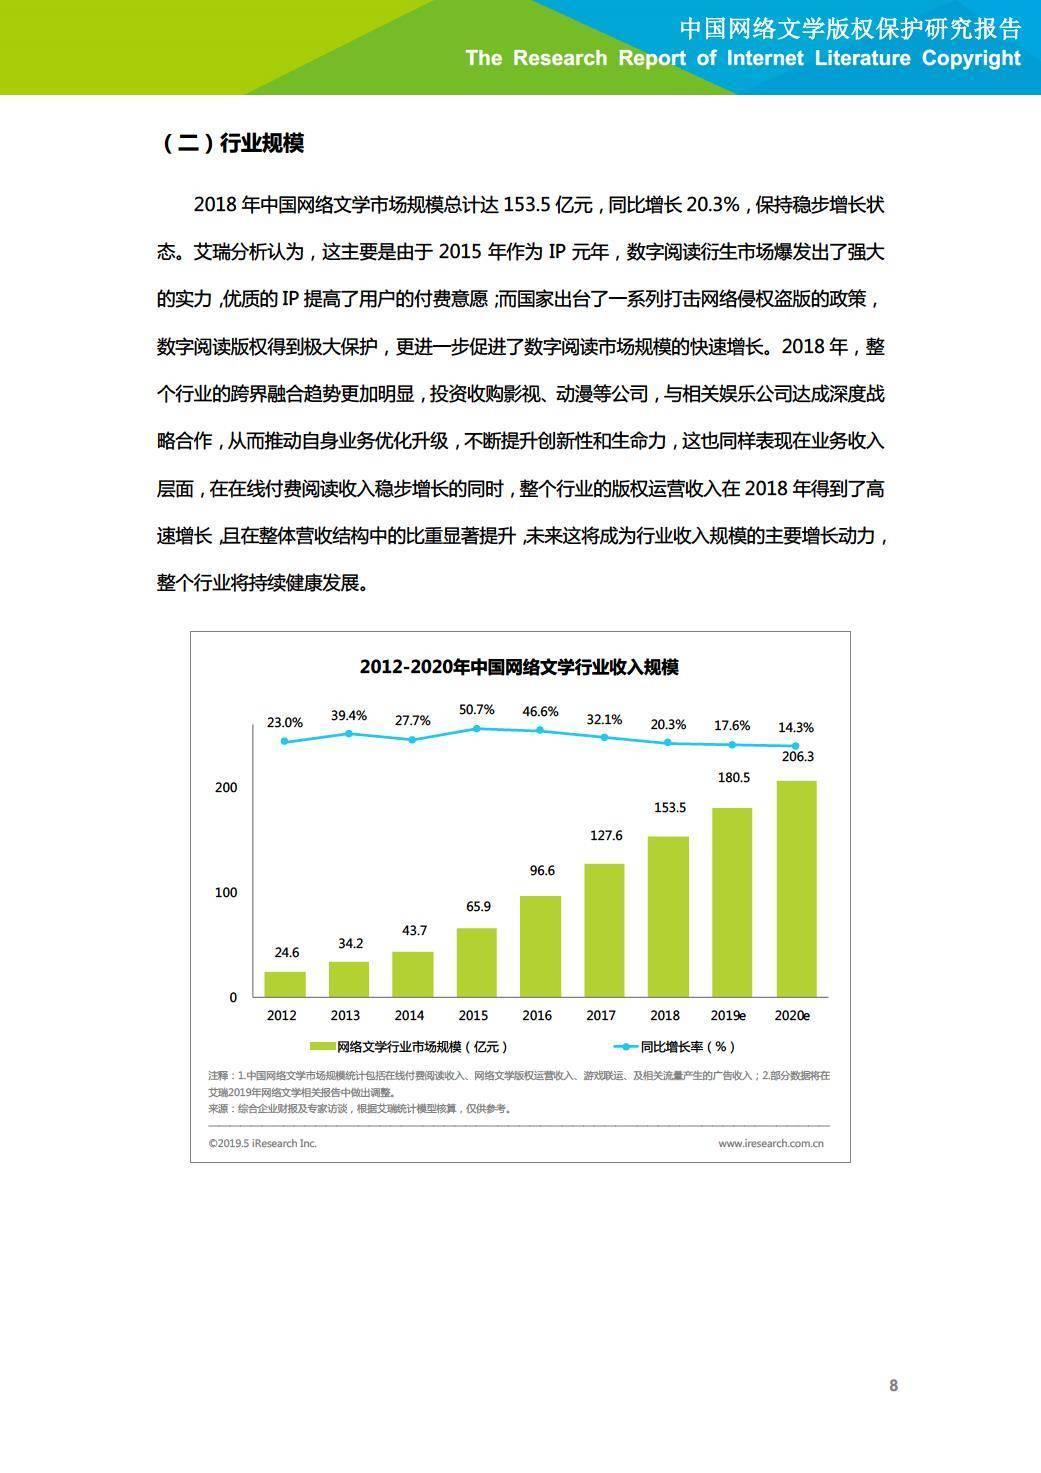 艾瑞咨询:2019年中国网络文学版权保护研究报告-简版